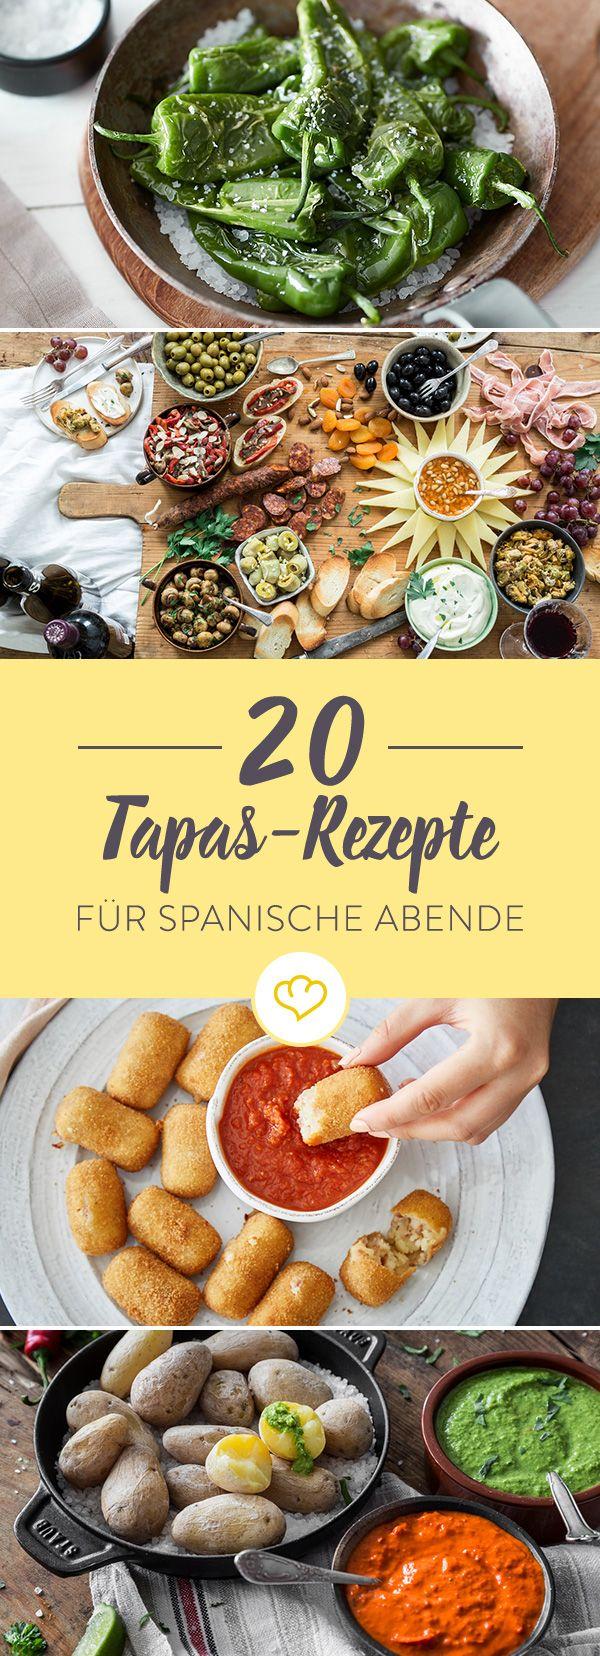 Tapas zubereiten - 20 spanische Häppchen für Genießer #cleaneating